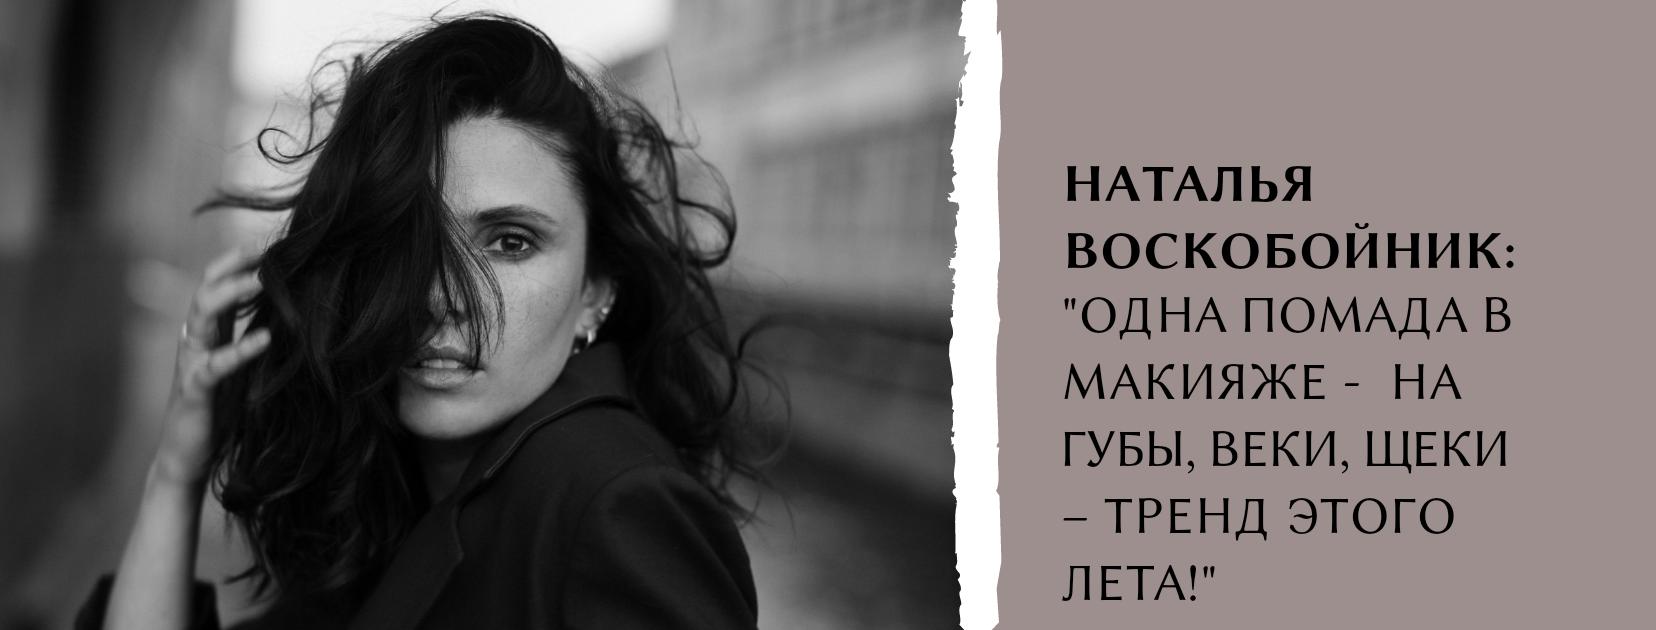 Звездный визажист Наталья Воскобойник: «Одна помада в макияже - на губы, веки, щеки – тренд этого лета! в ТК ЭКОПОЛИС premium